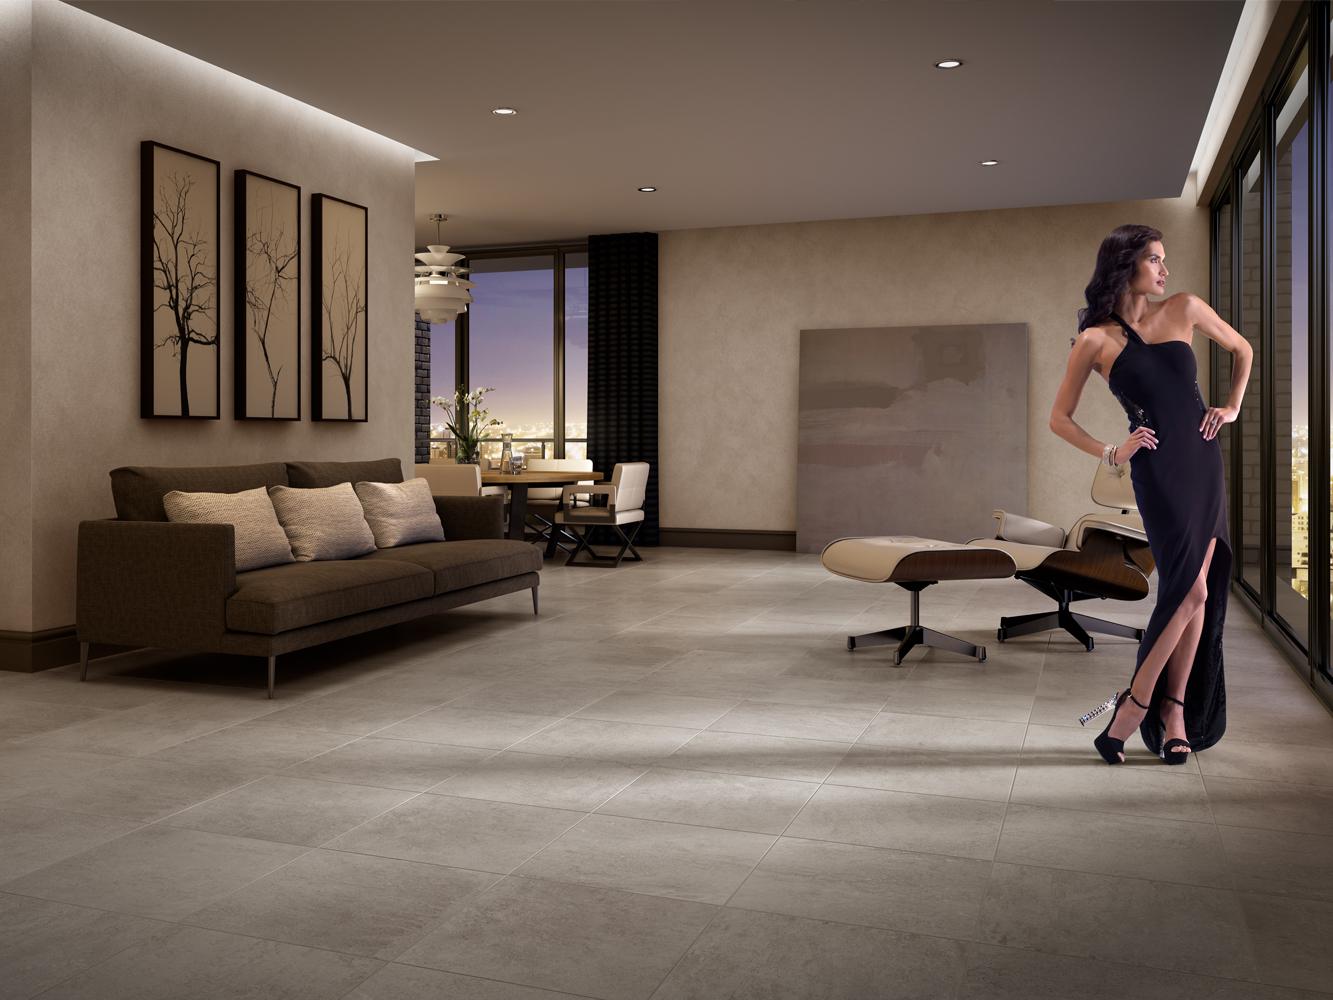 pix-us-cg-women-in-apartment